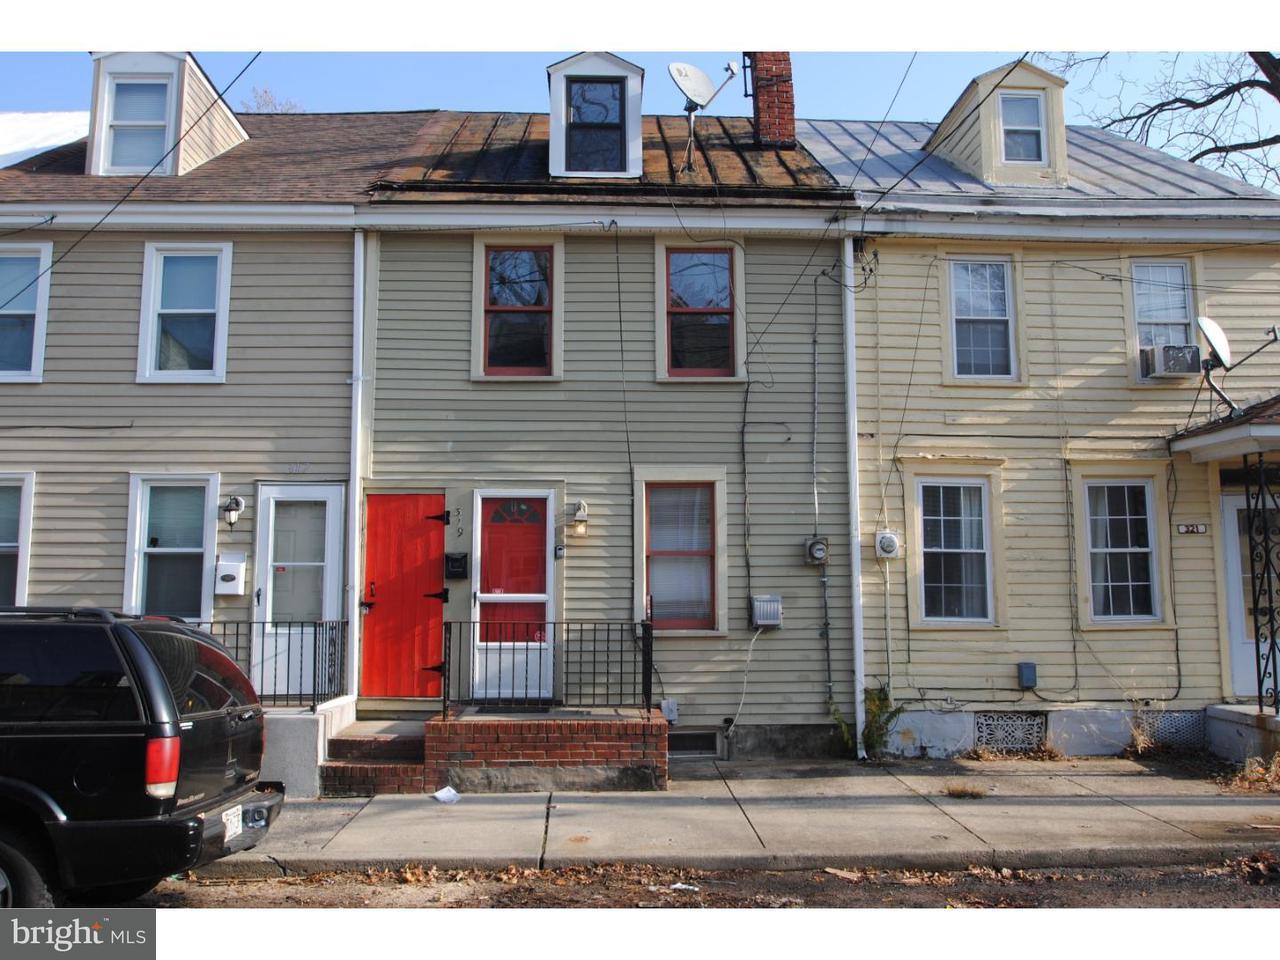 Casa unifamiliar adosada (Townhouse) por un Alquiler en 319 YORK Street Burlington, Nueva Jersey 08016 Estados Unidos